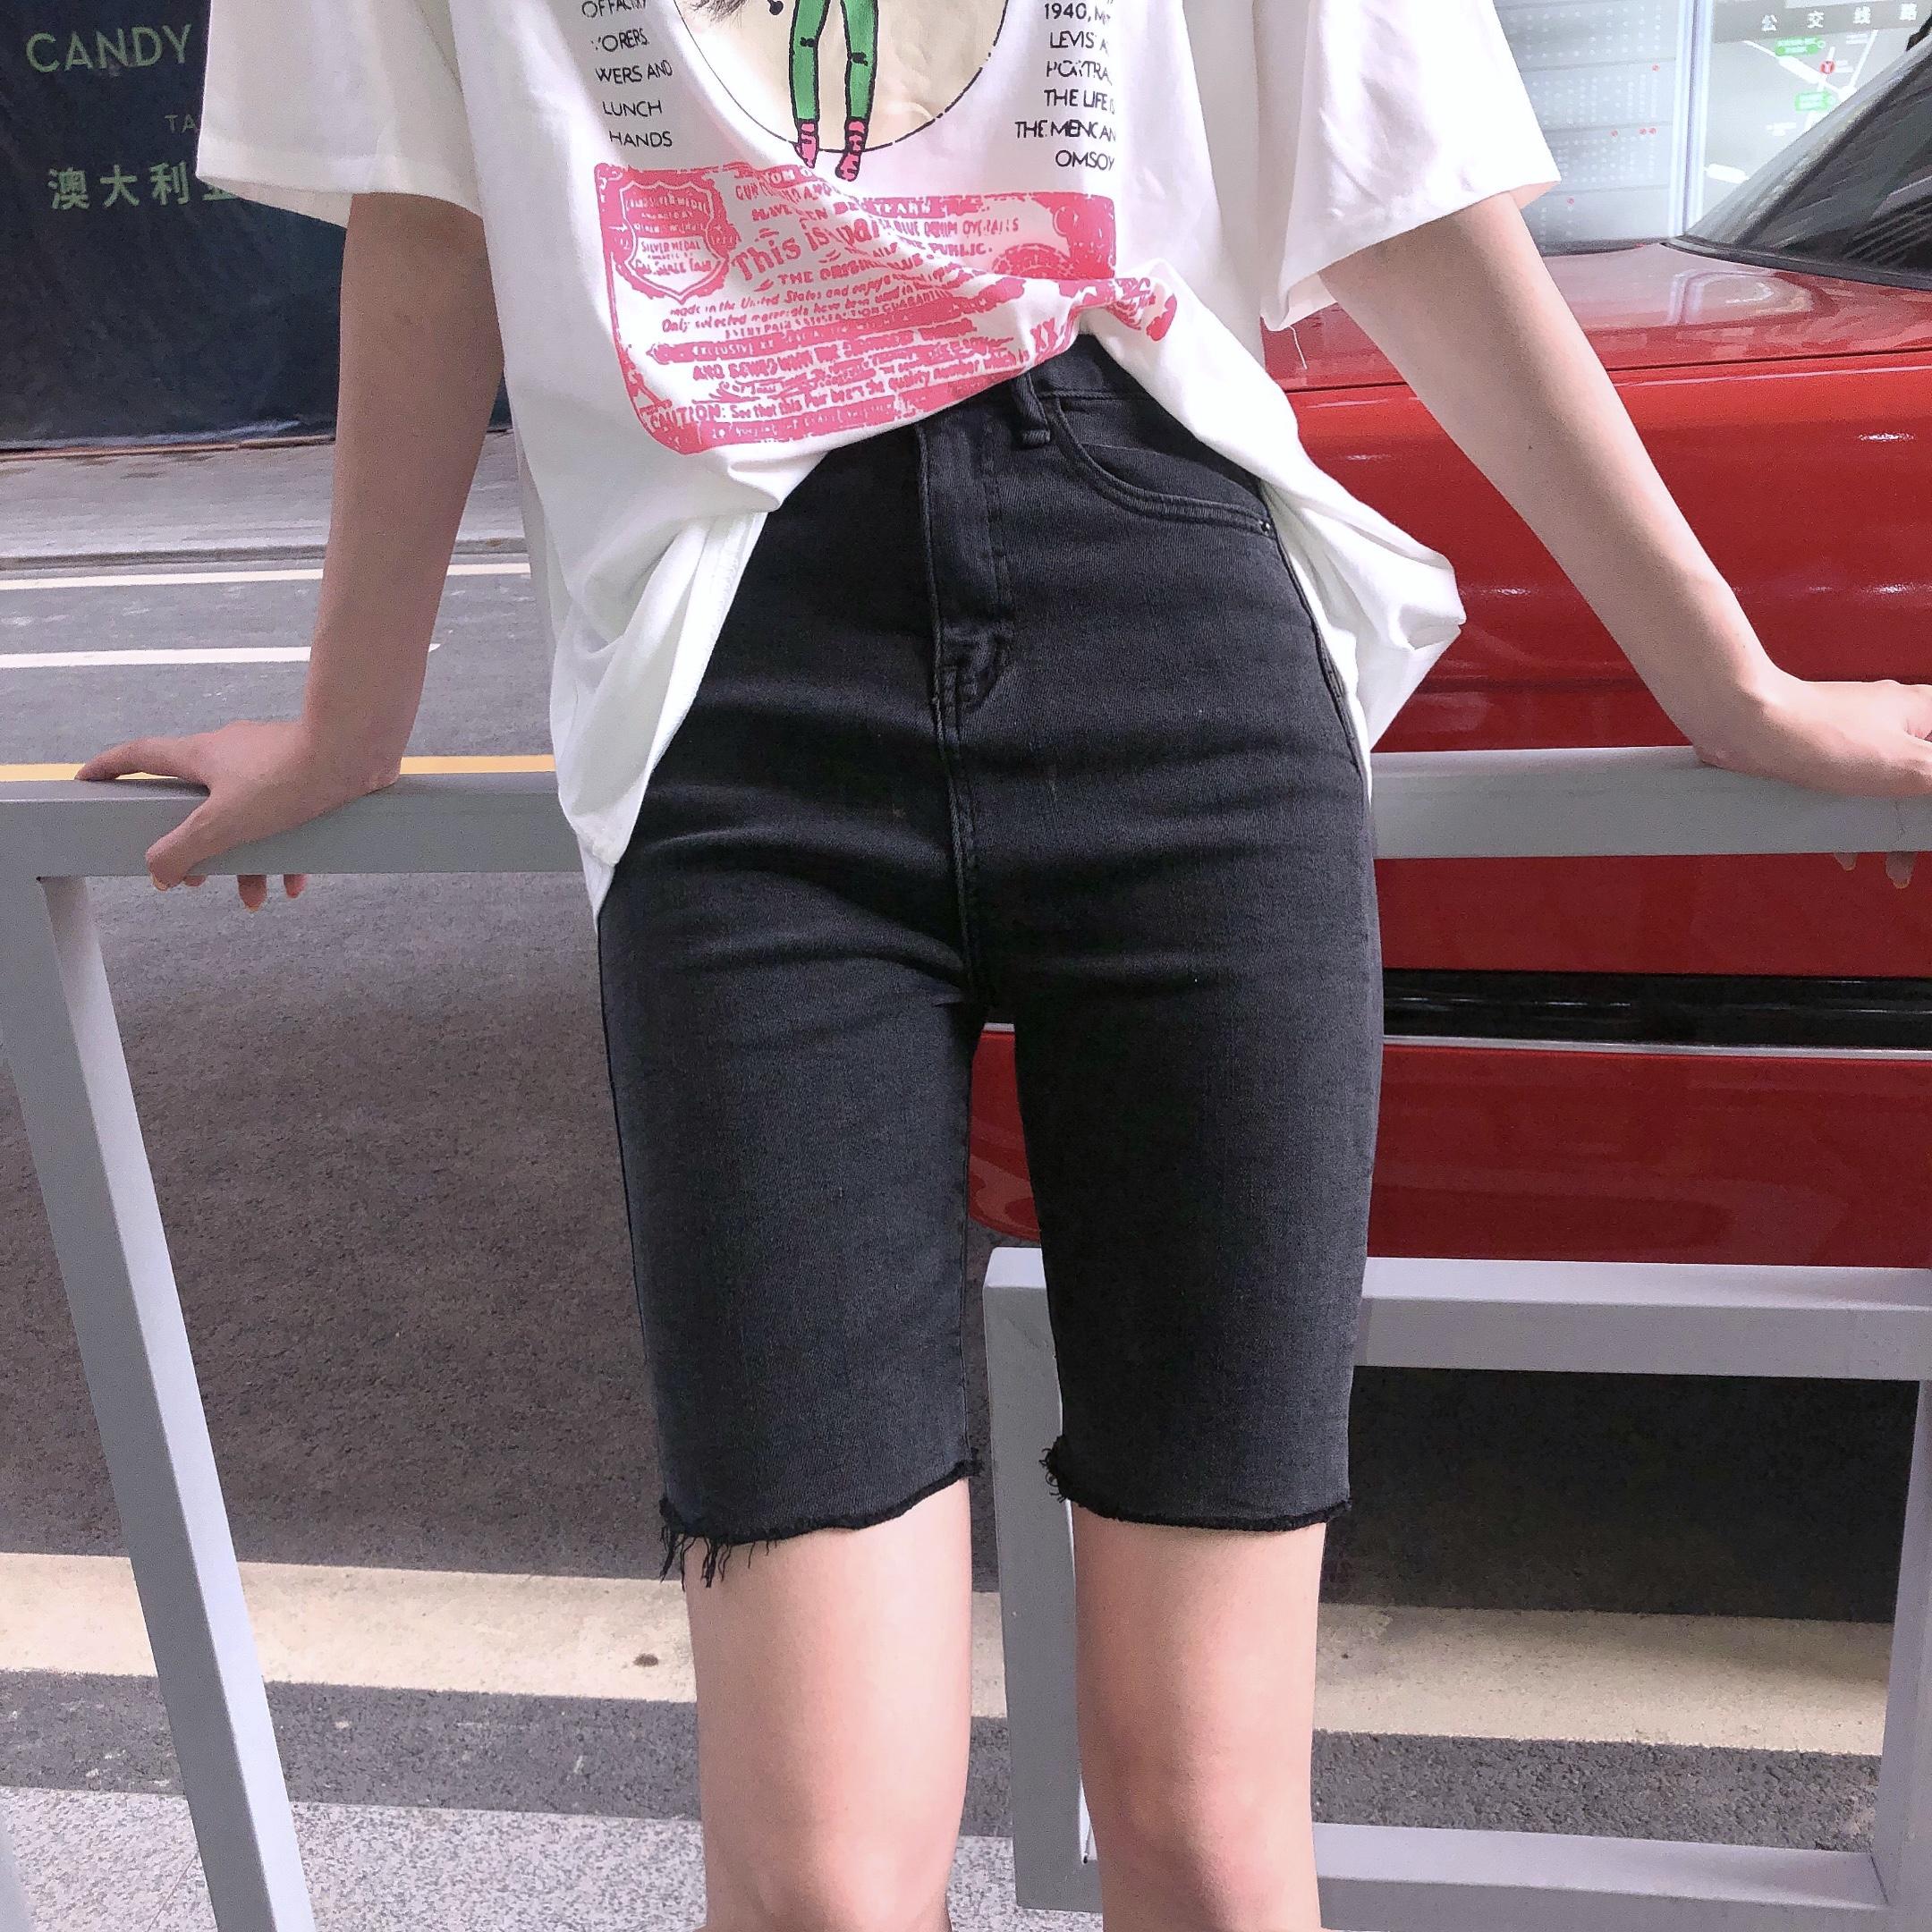 夏季黑色五分裤高腰短裤女百搭显瘦牛仔裤2019新款网红紧身中裤子